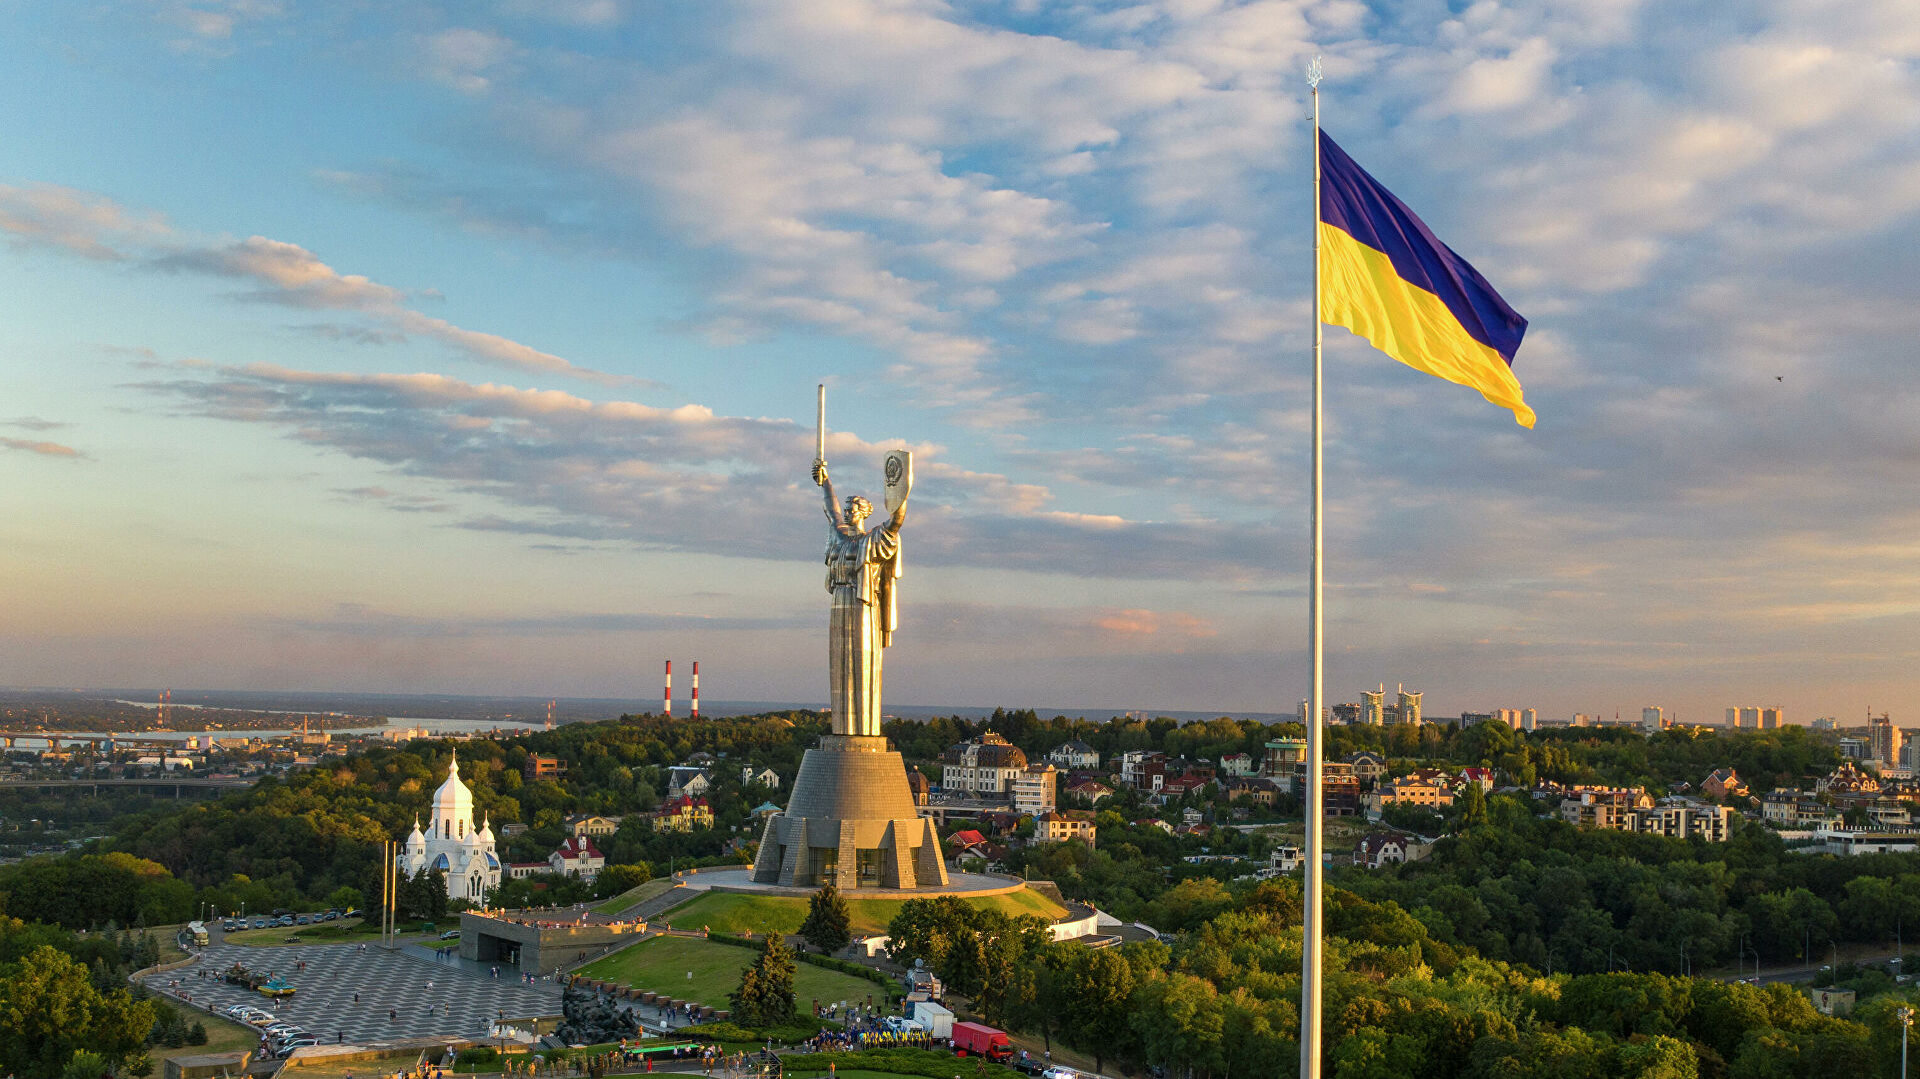 Монумент Родина-мать в Киеве - РИА Новости, 1920, 19.11.2020